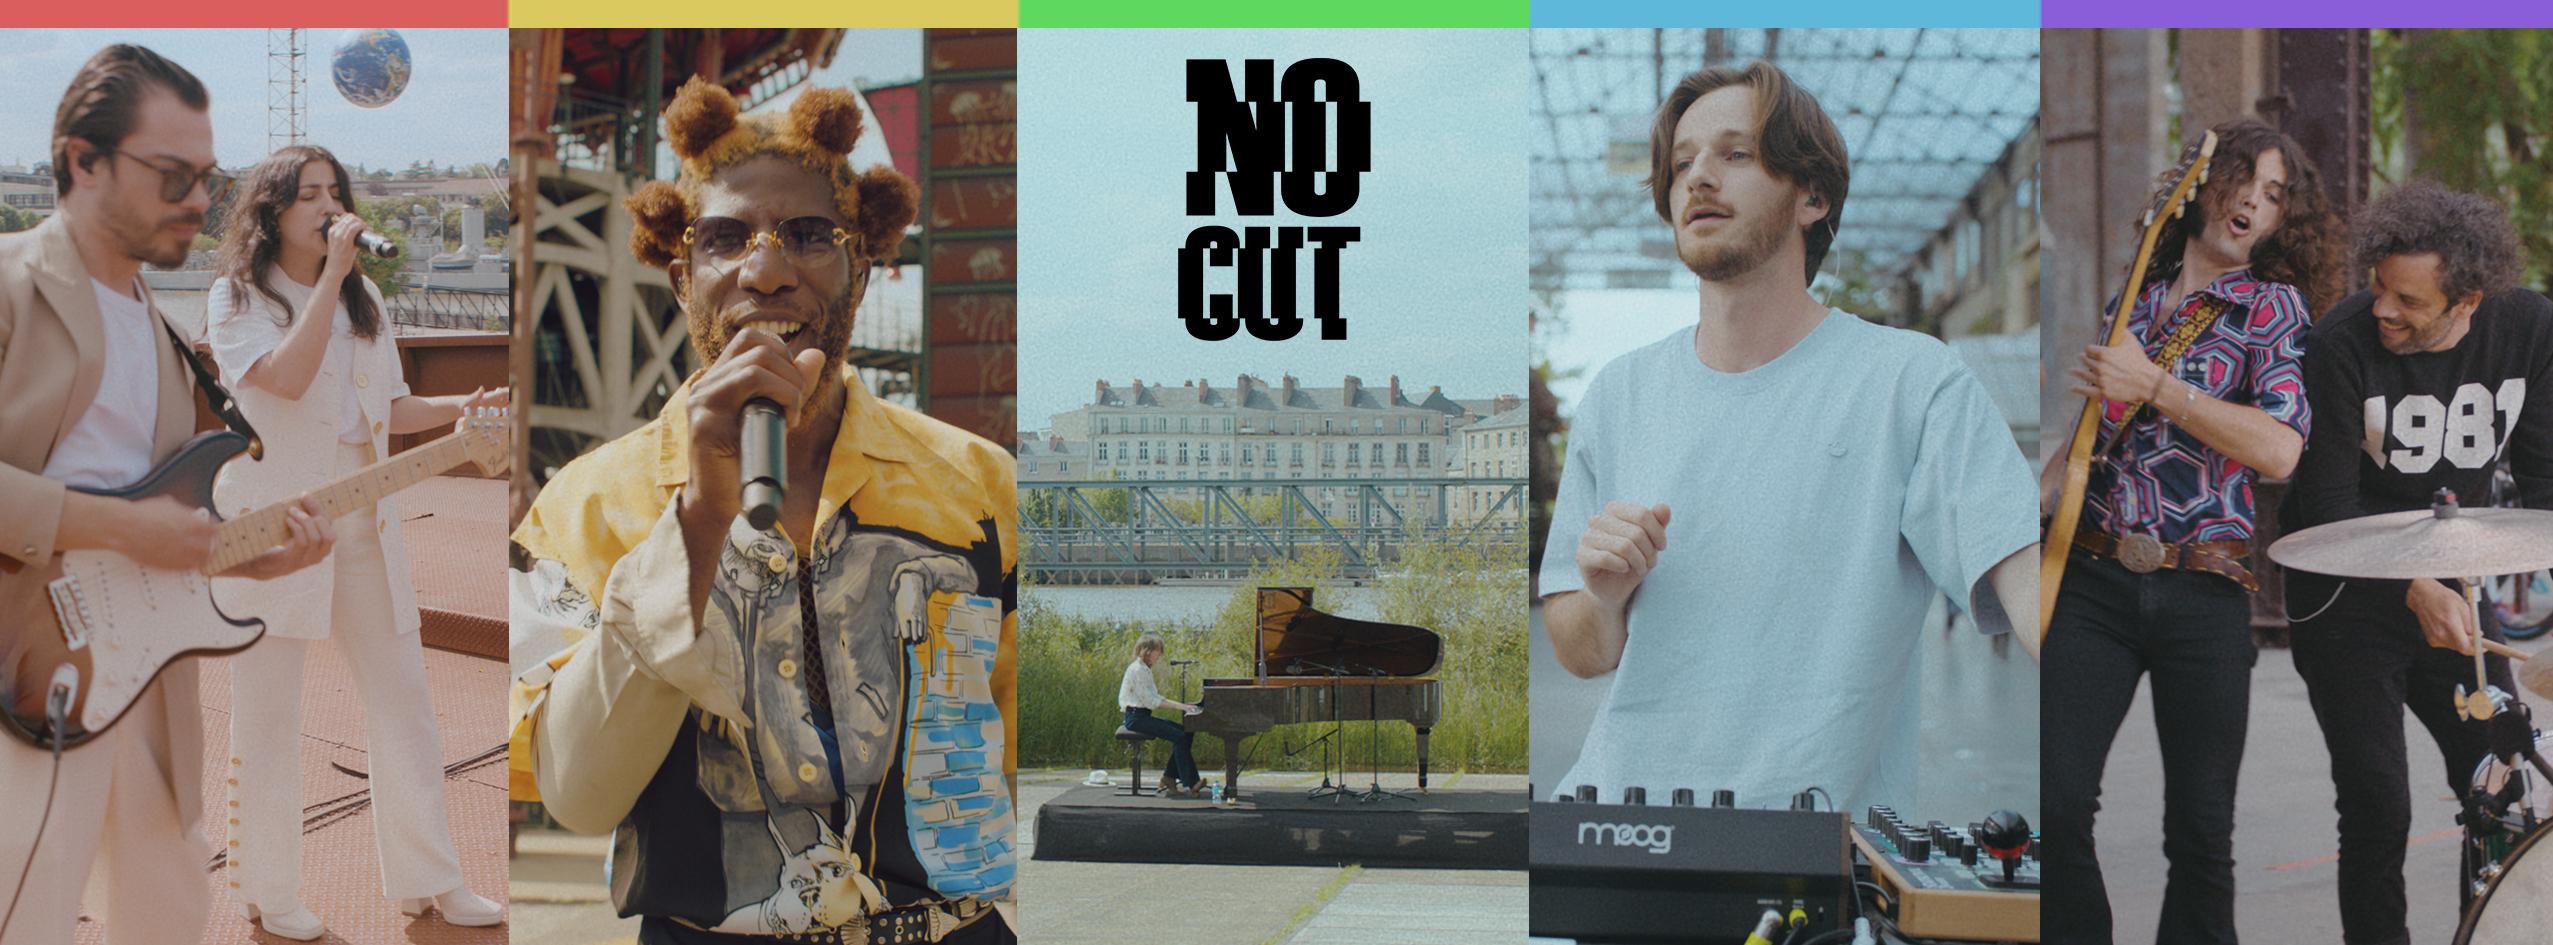 NO CUT CULTUREBOX